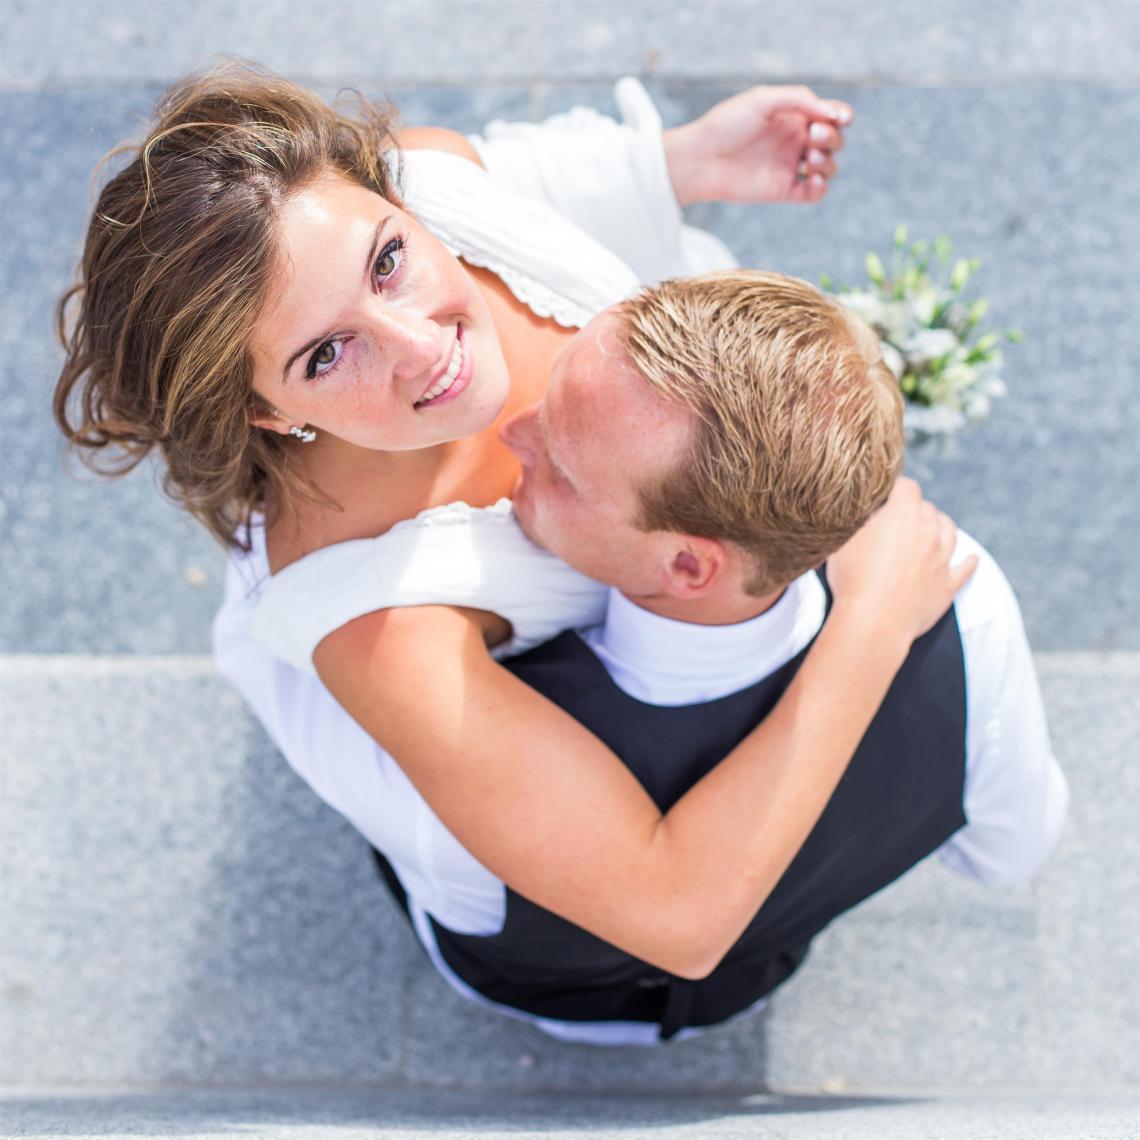 boda-espanola-sueca-antes (6)